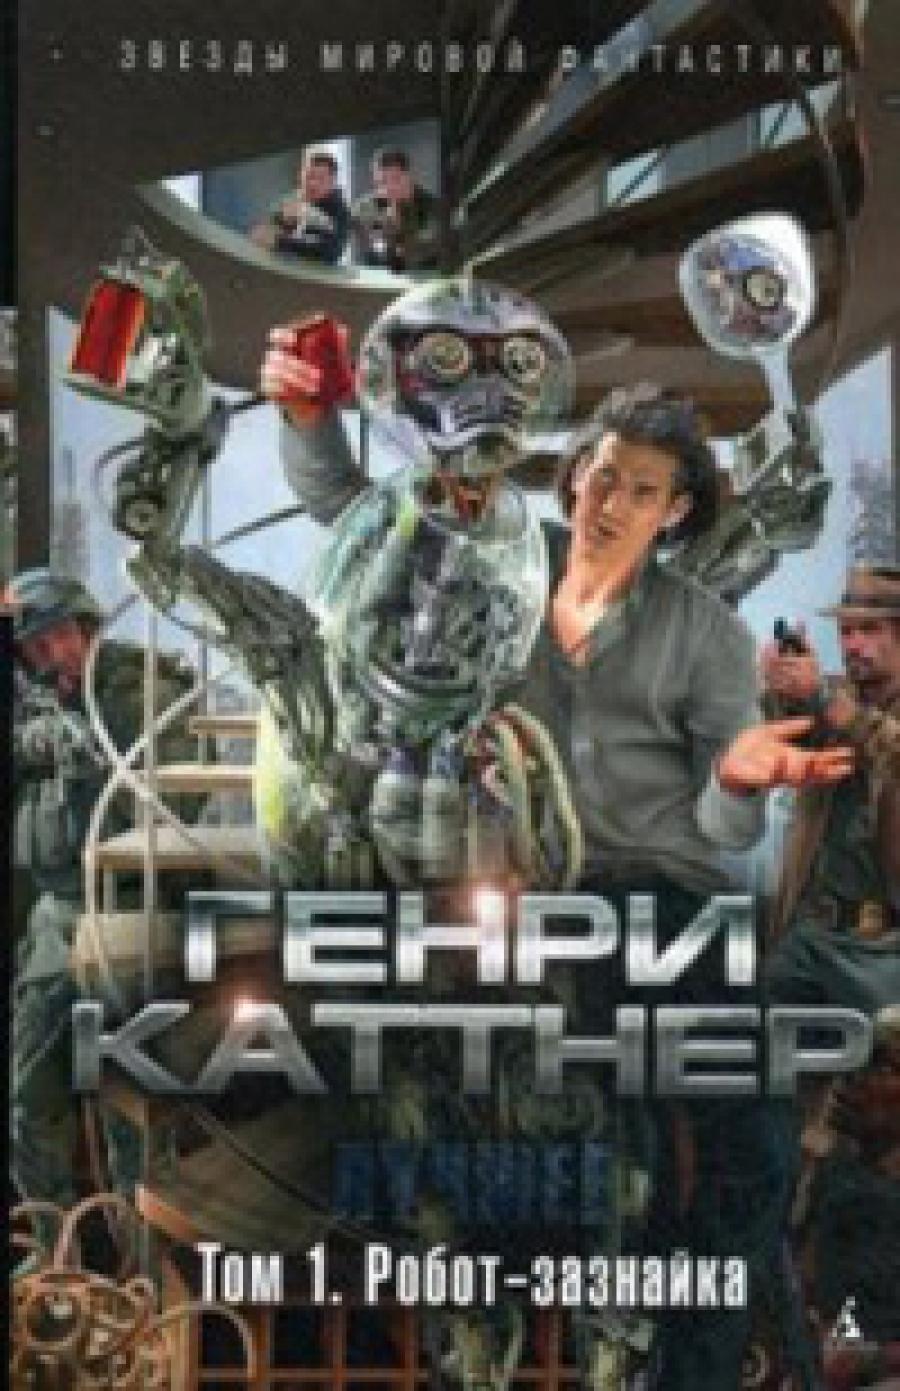 Генри КАТТНЕР. Робот-зазнайка. Механическое эго (12+)